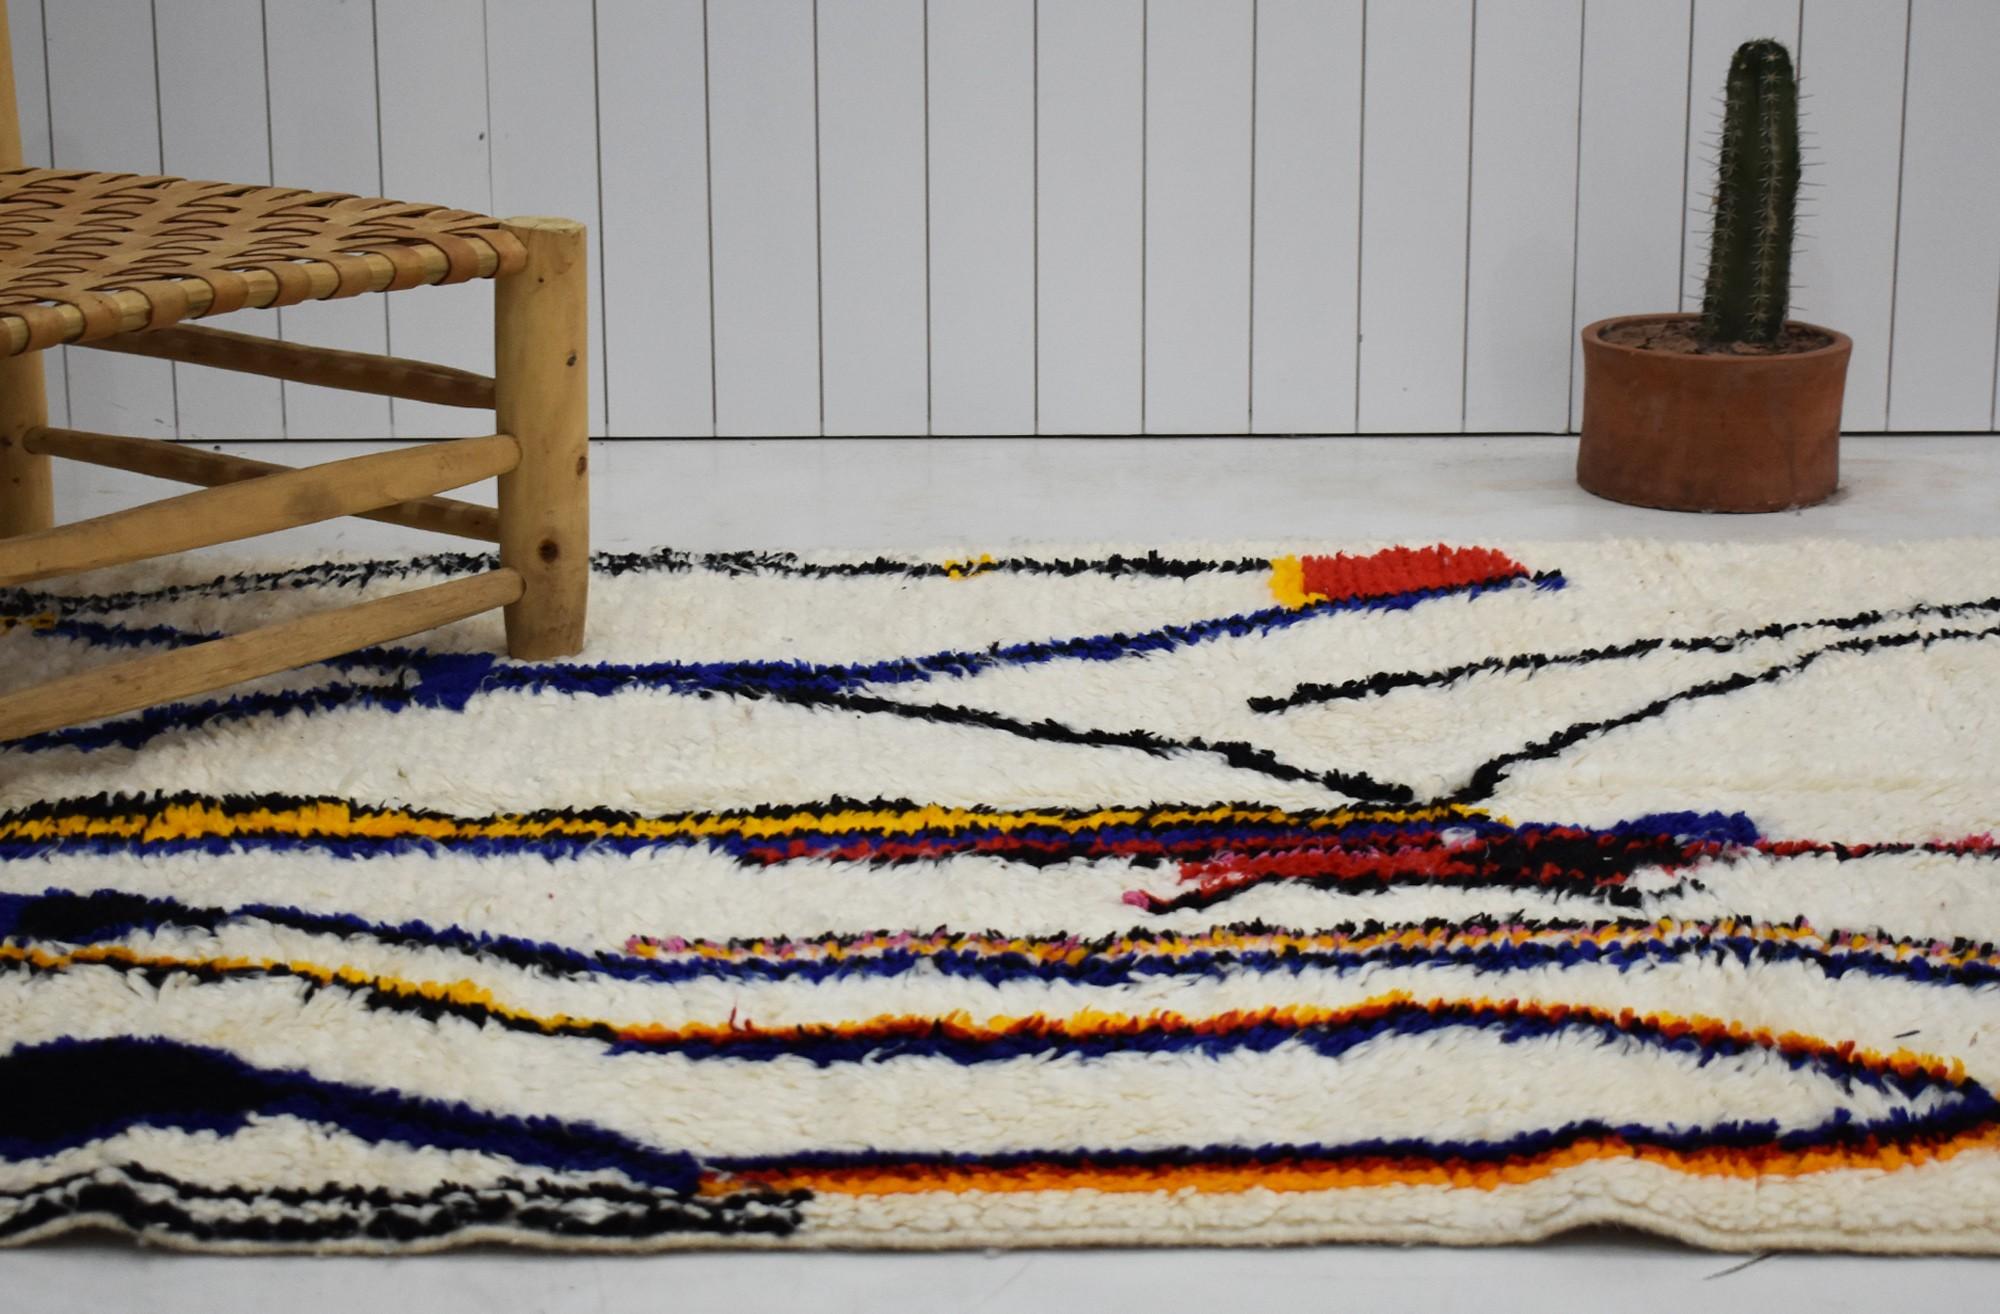 Tapis berbère Azilal beige orange bleu et noir